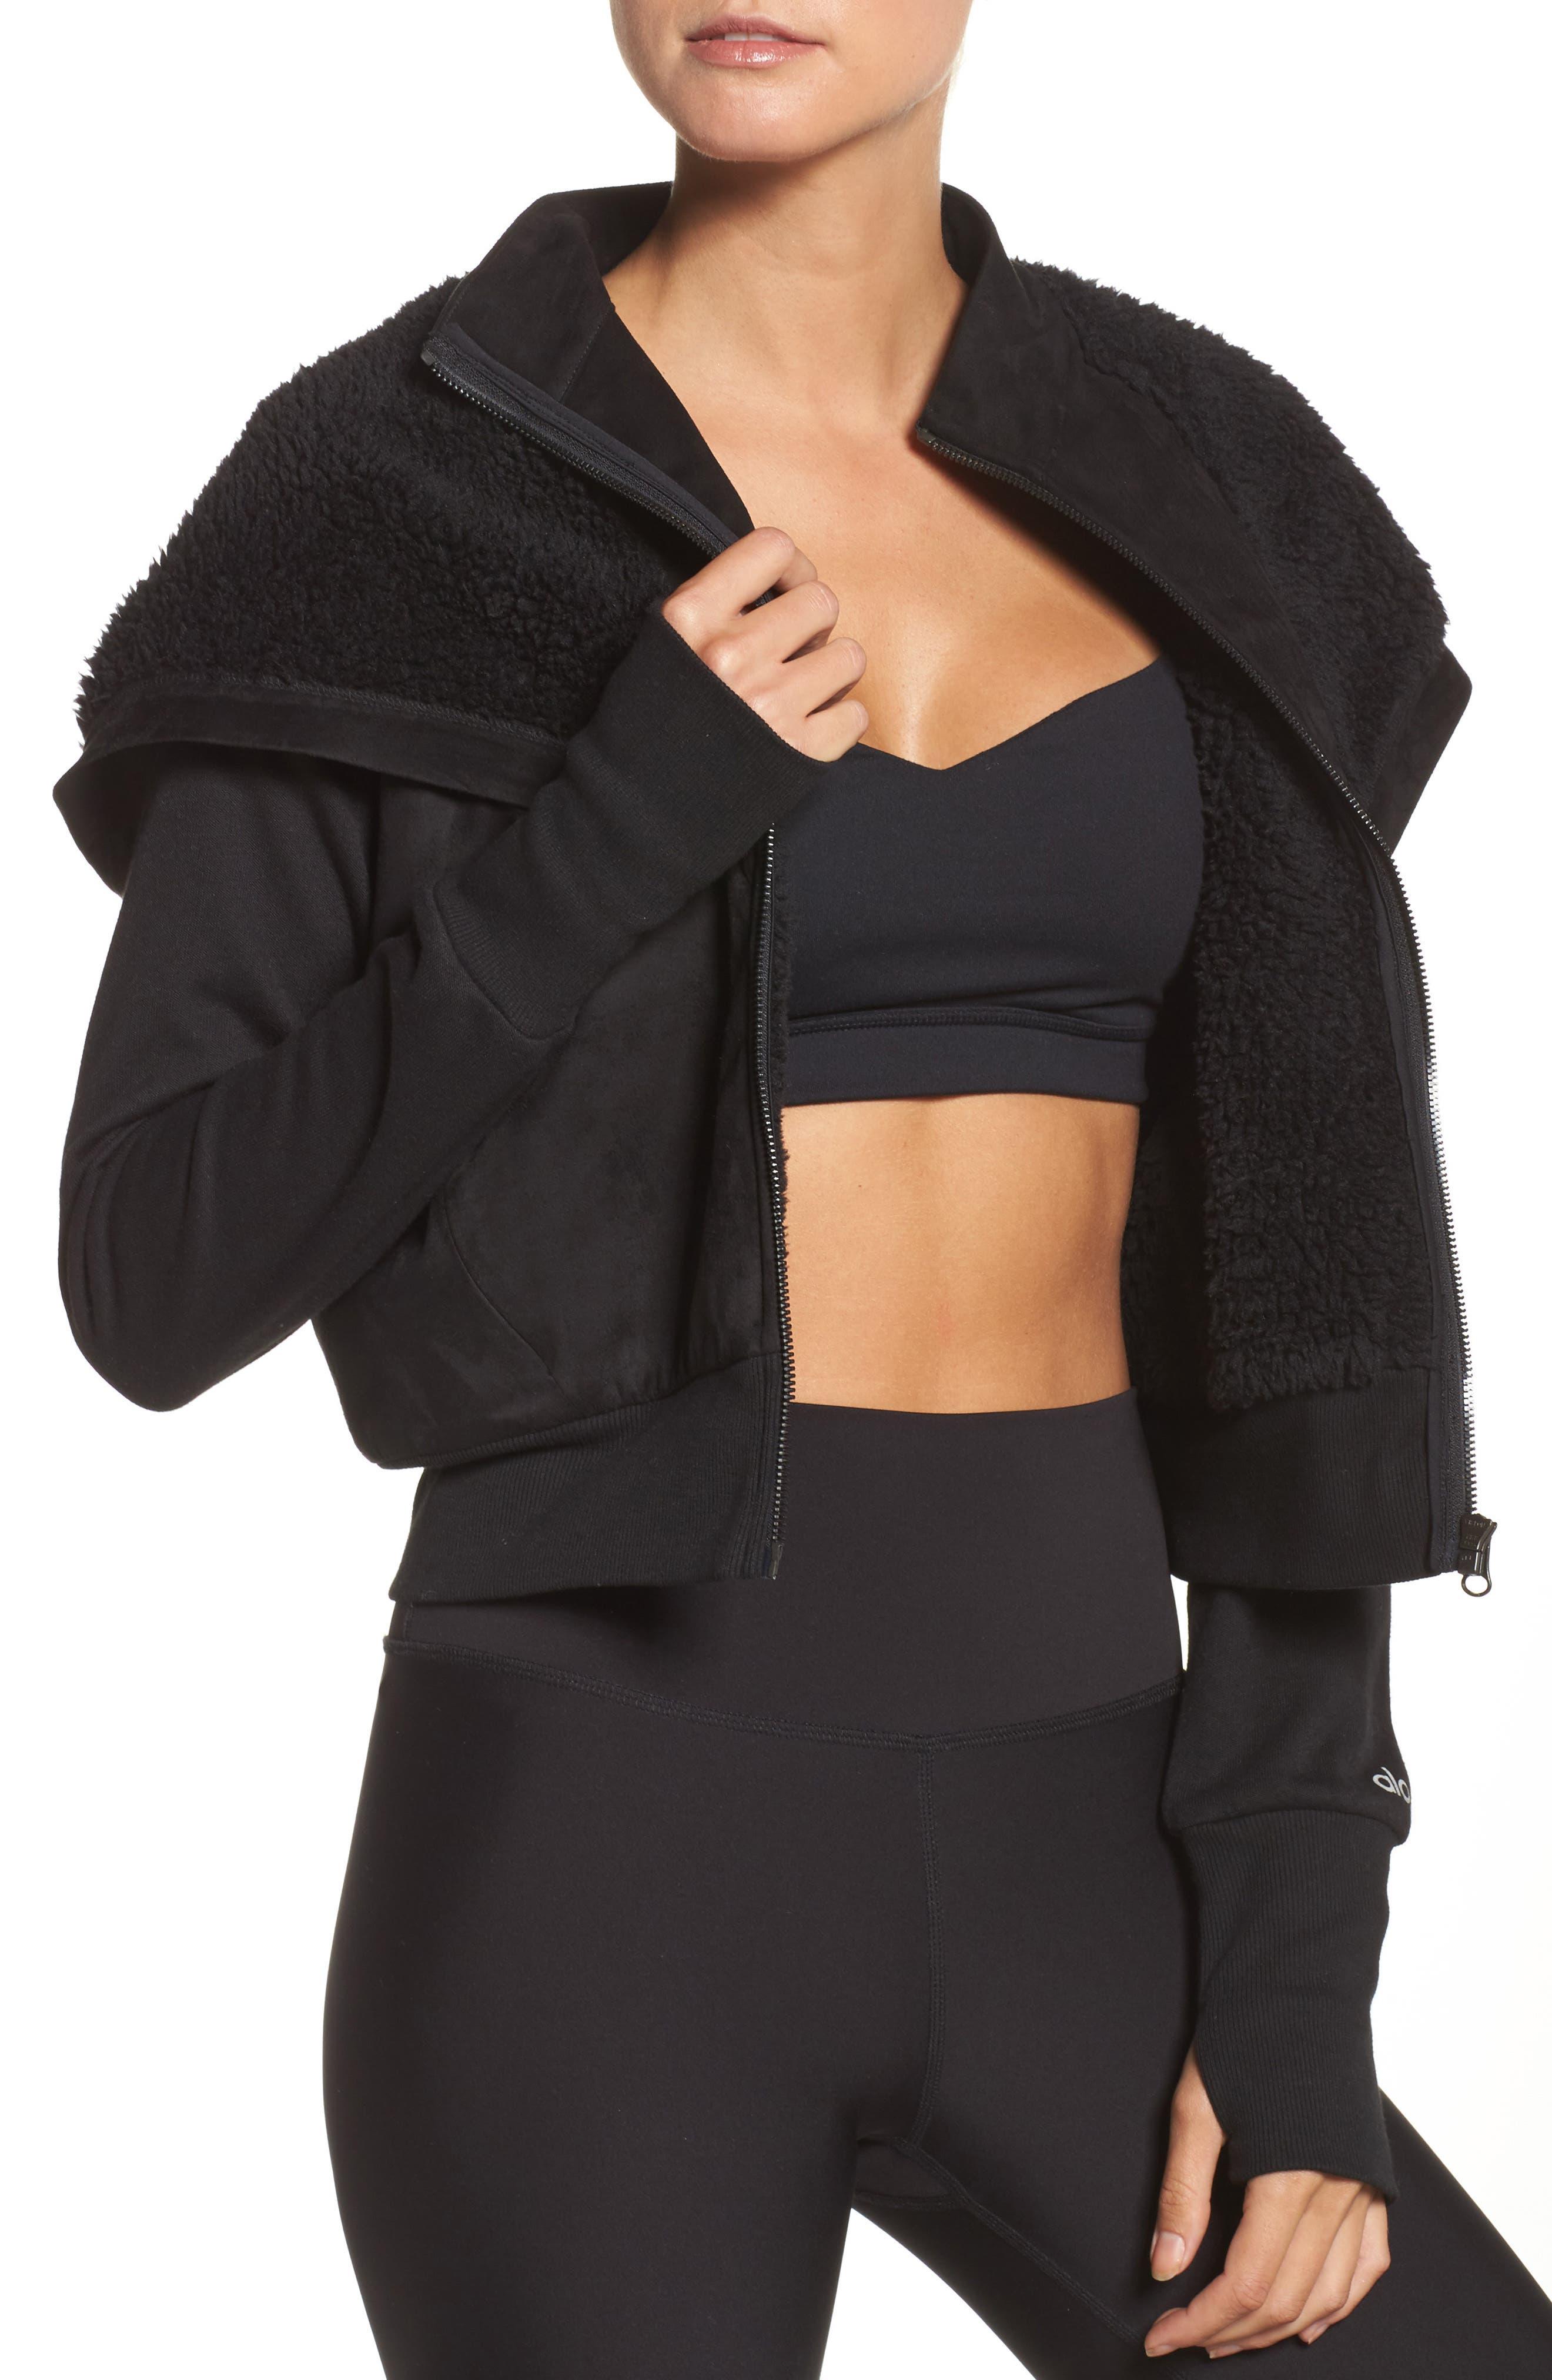 LA Winter Faux Fur Lined Jacket,                             Alternate thumbnail 4, color,                             Black